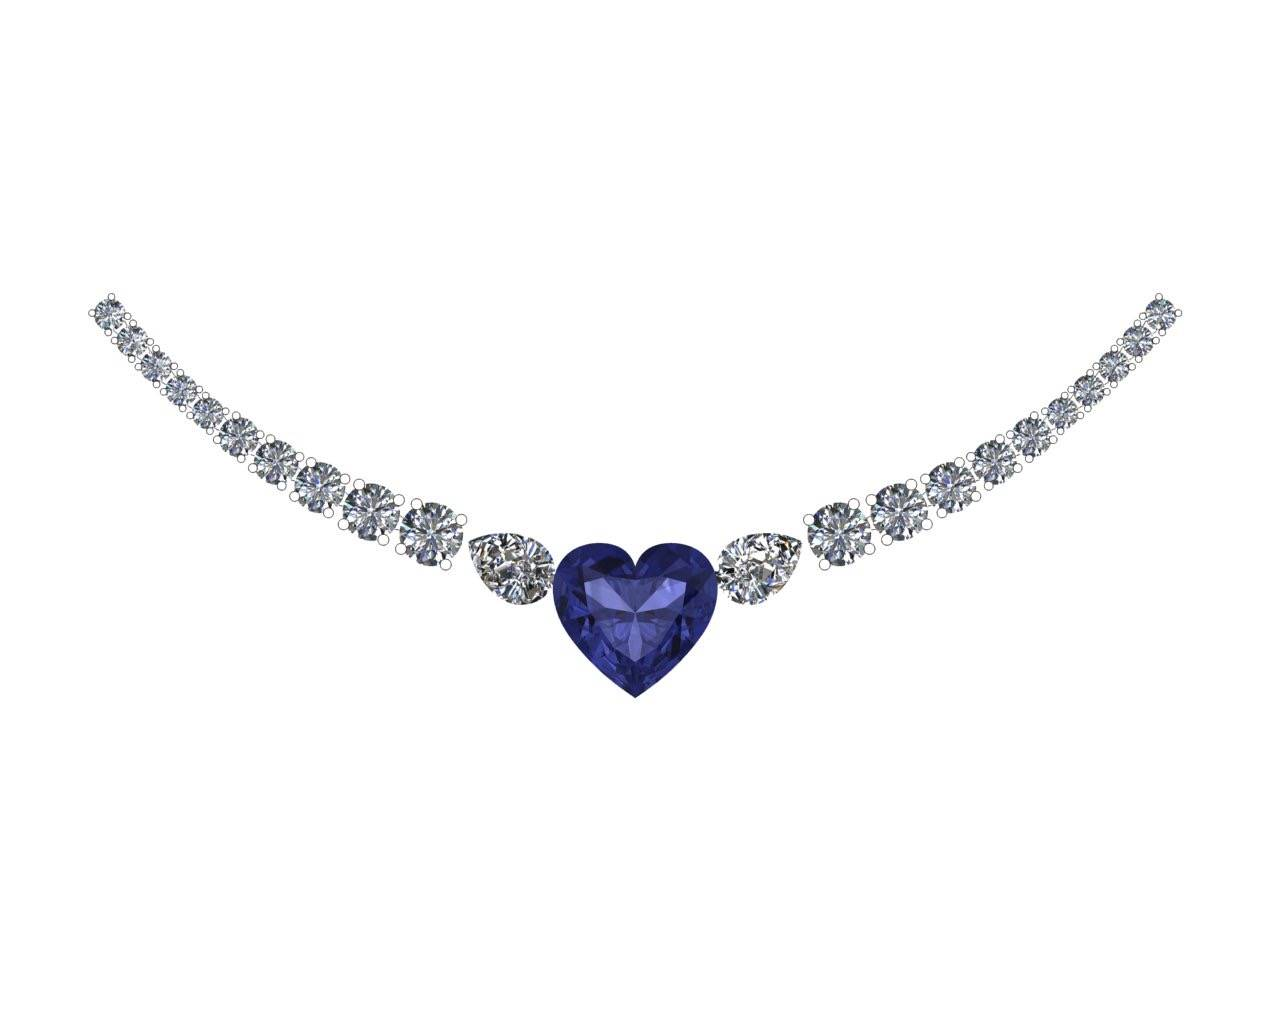 Aayraa jewels - Juwelen - House of Weddings - 9